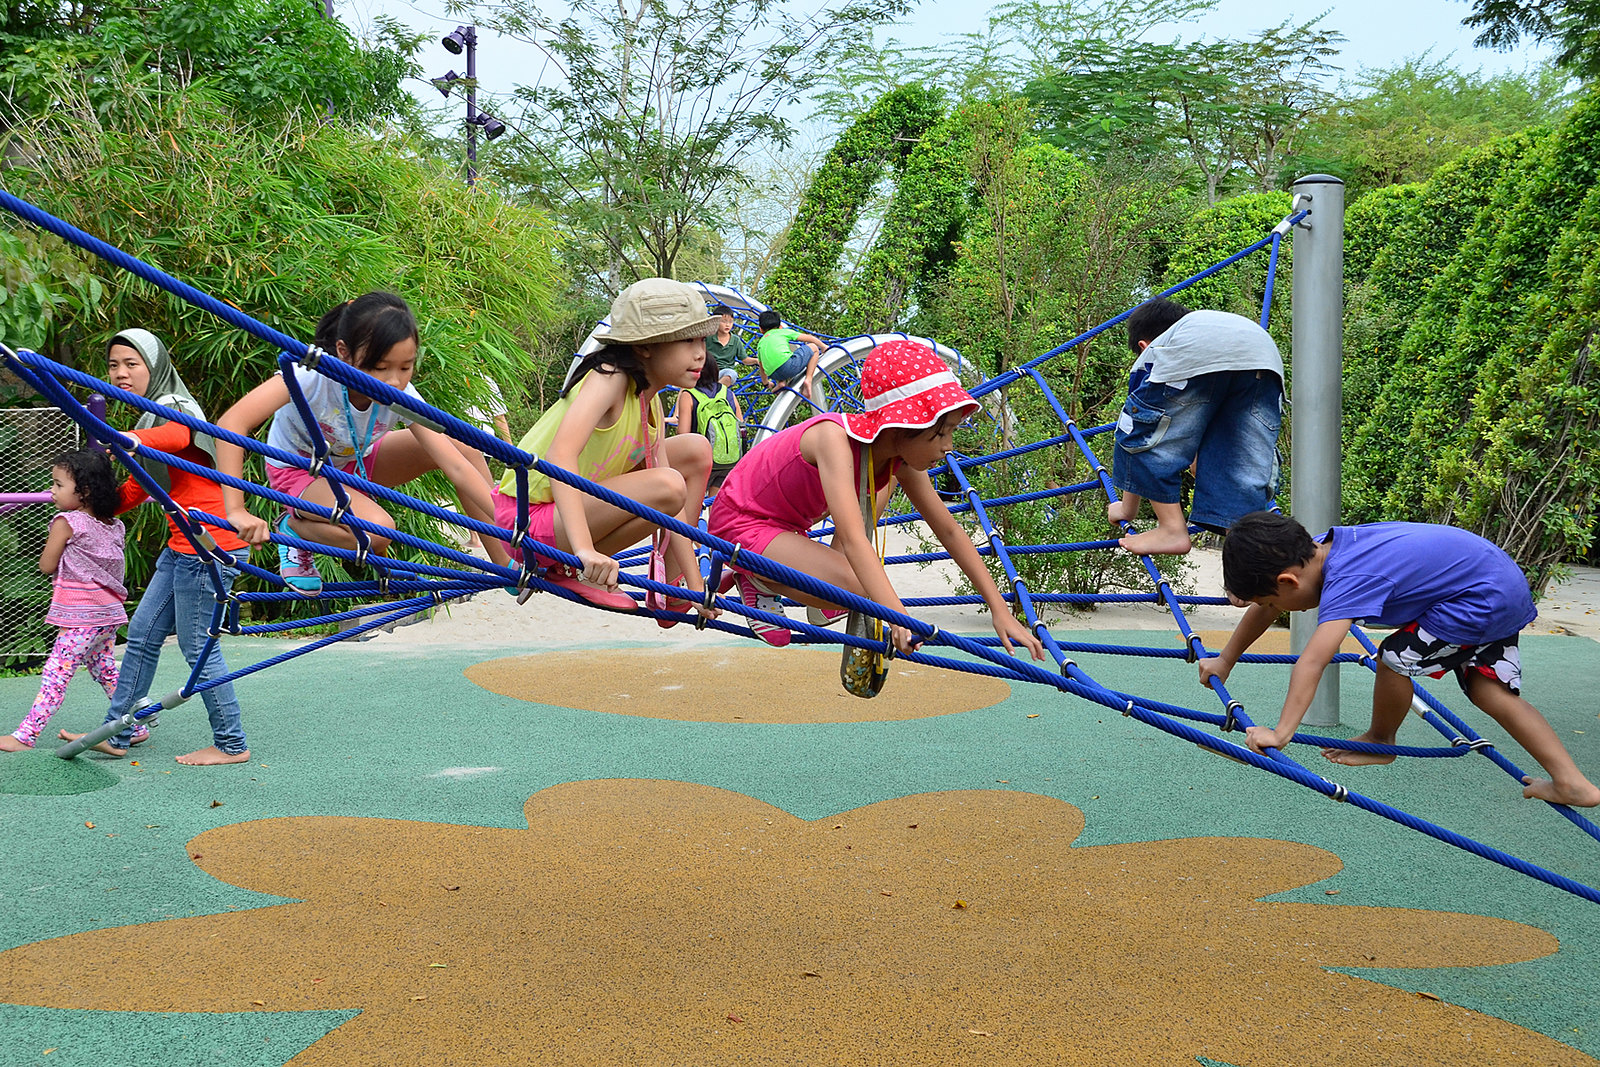 far east organization children's garden outdoor playground singapore